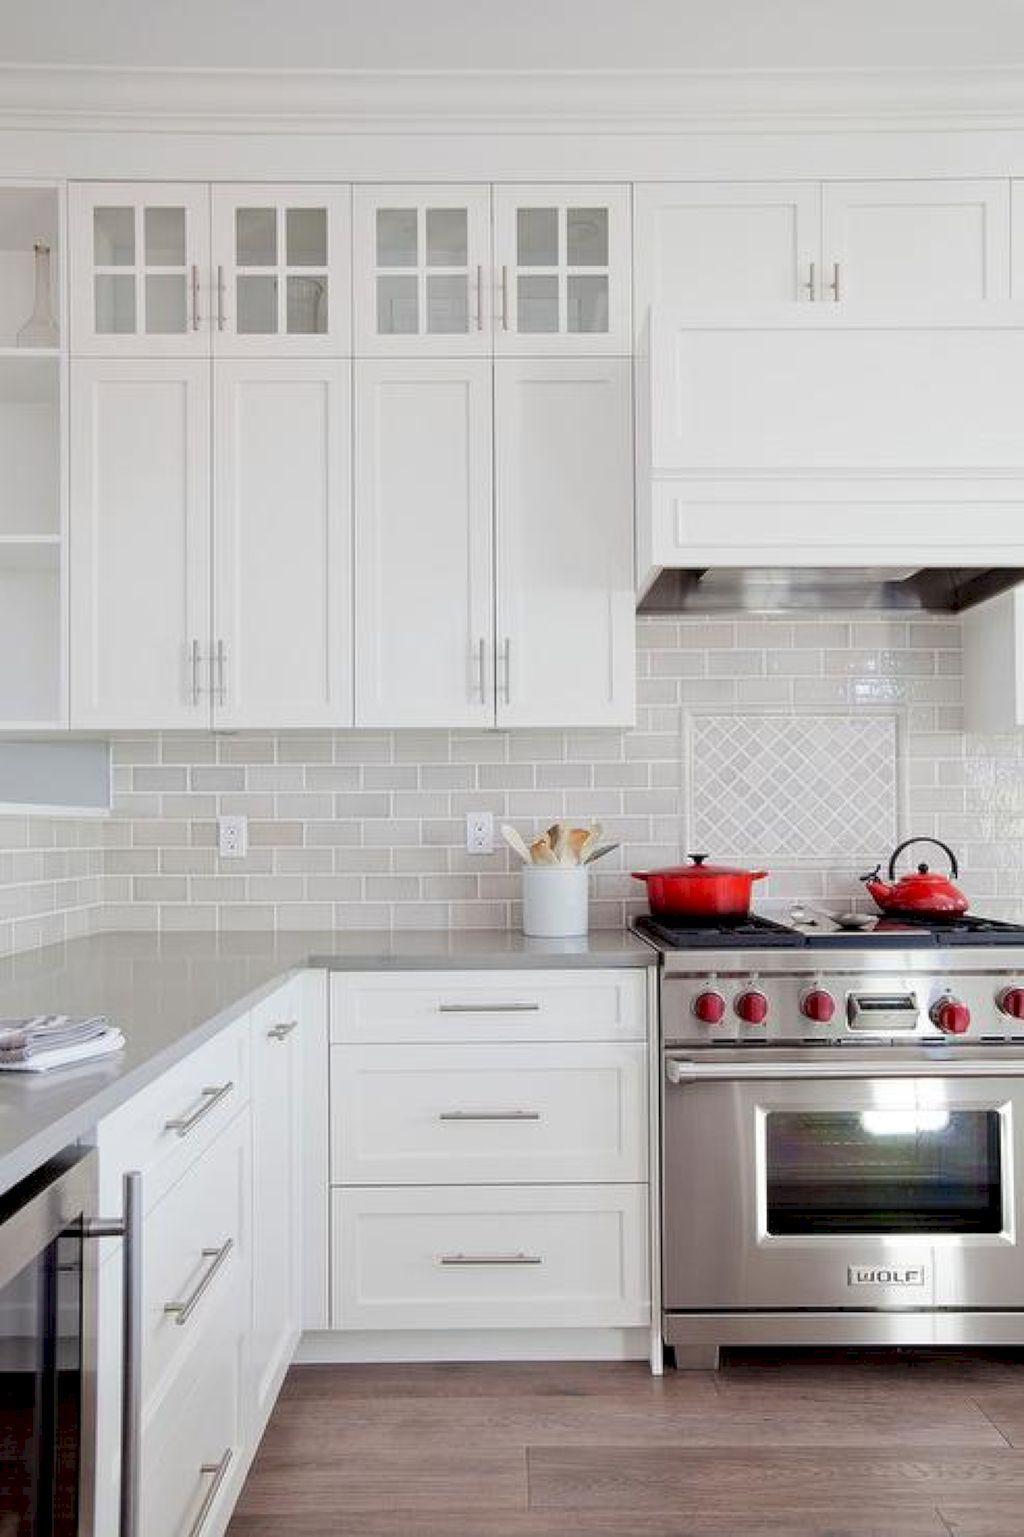 Gorgeous 60 Best White Kitchen Cabinet Ideas Https Bellezaroom Com 2017 10 23 60 Best White Kitchen Kitchen Renovation Kitchen Cabinet Design Kitchen Design